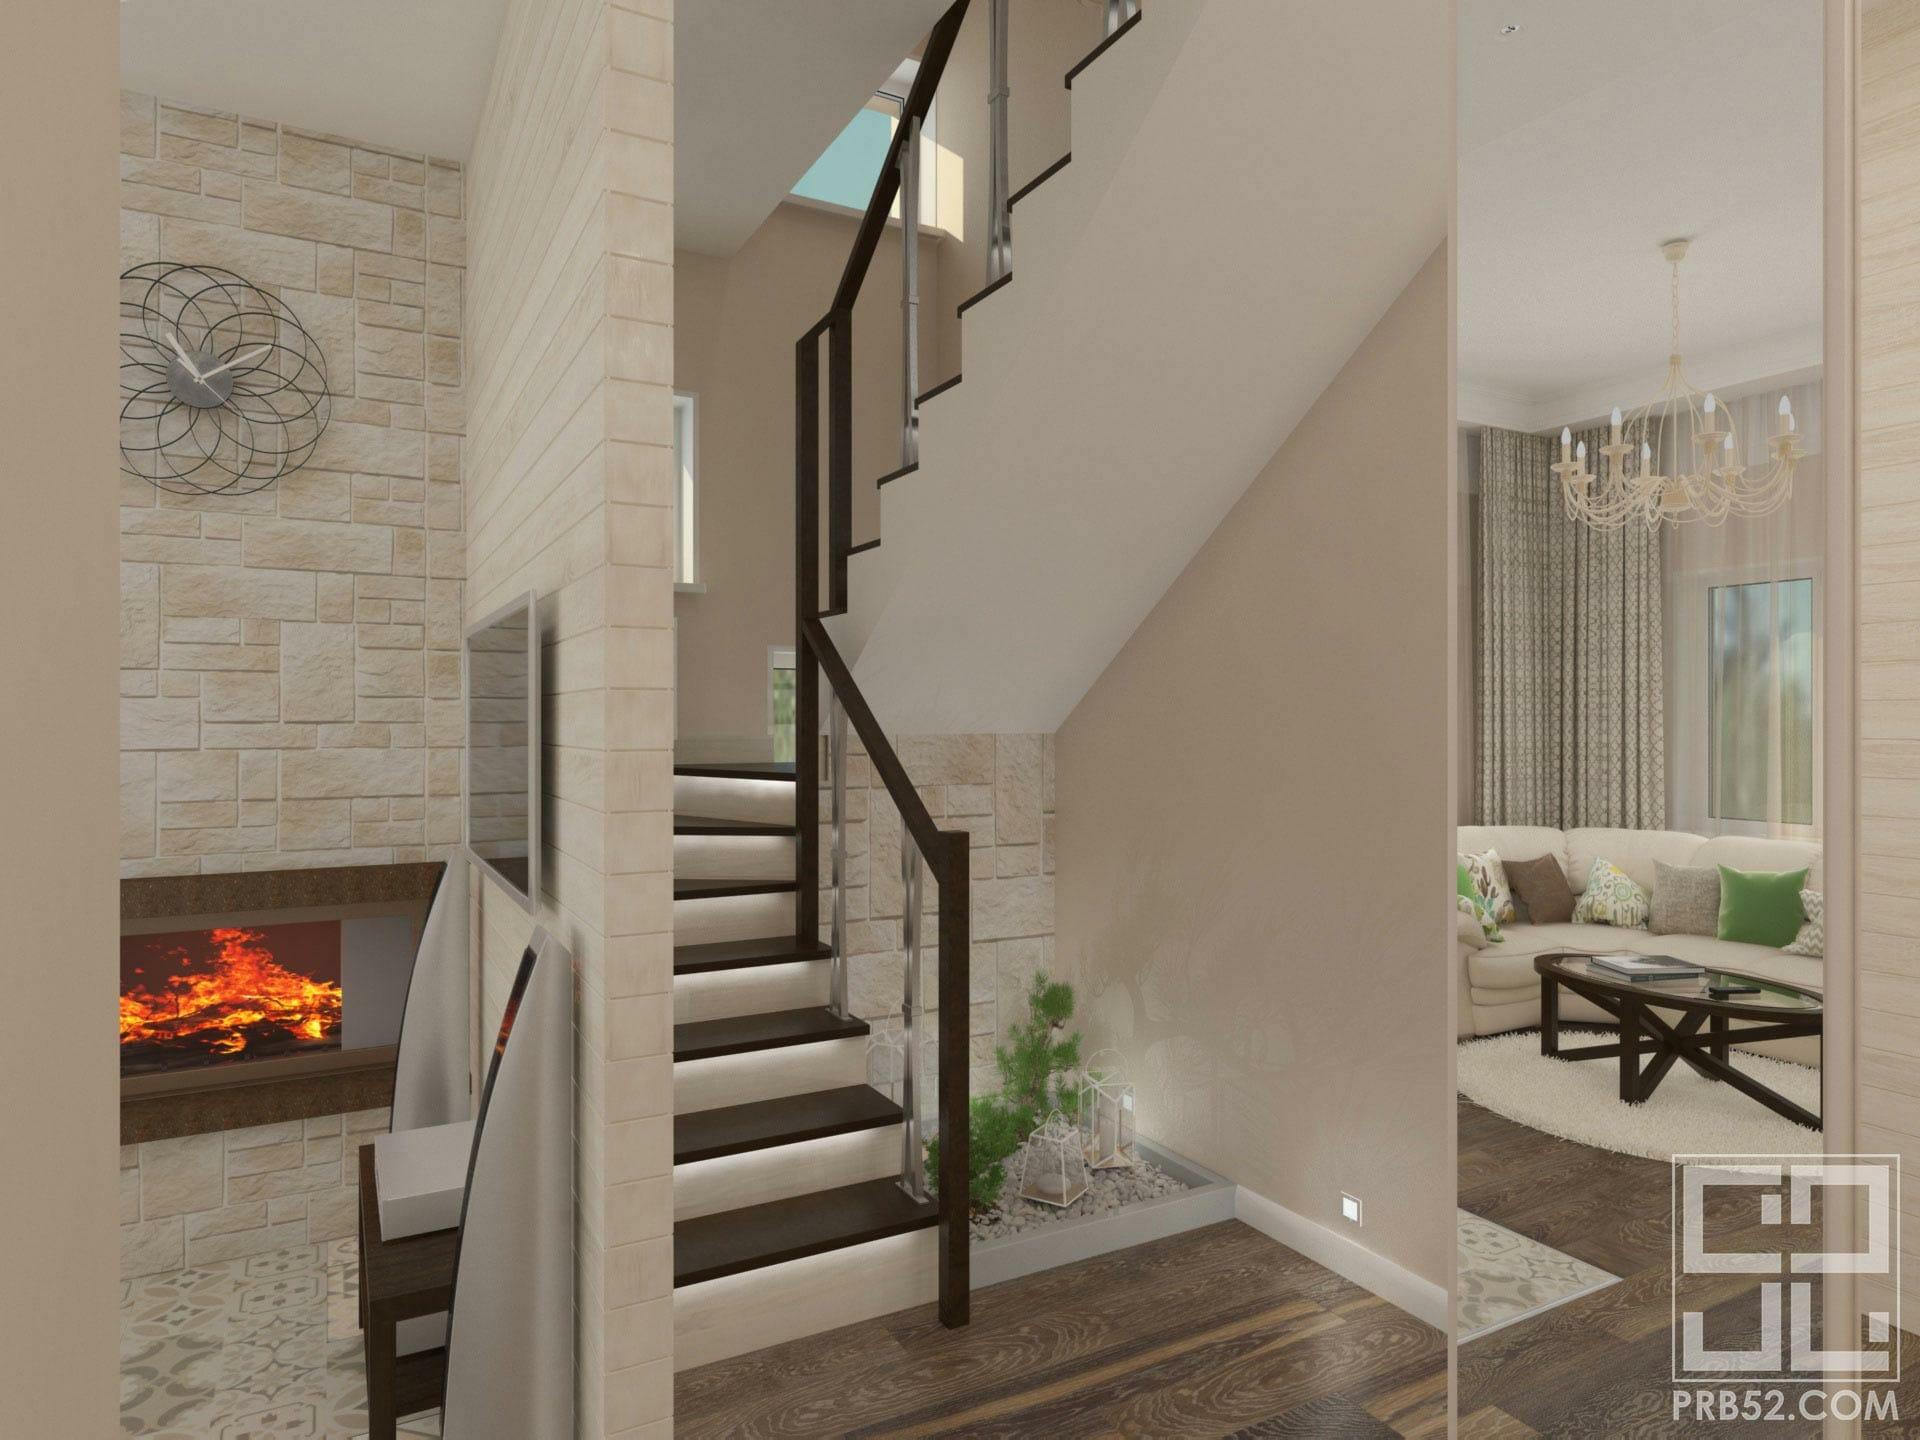 дизайн интерьера коридора с лестницей в частном доме